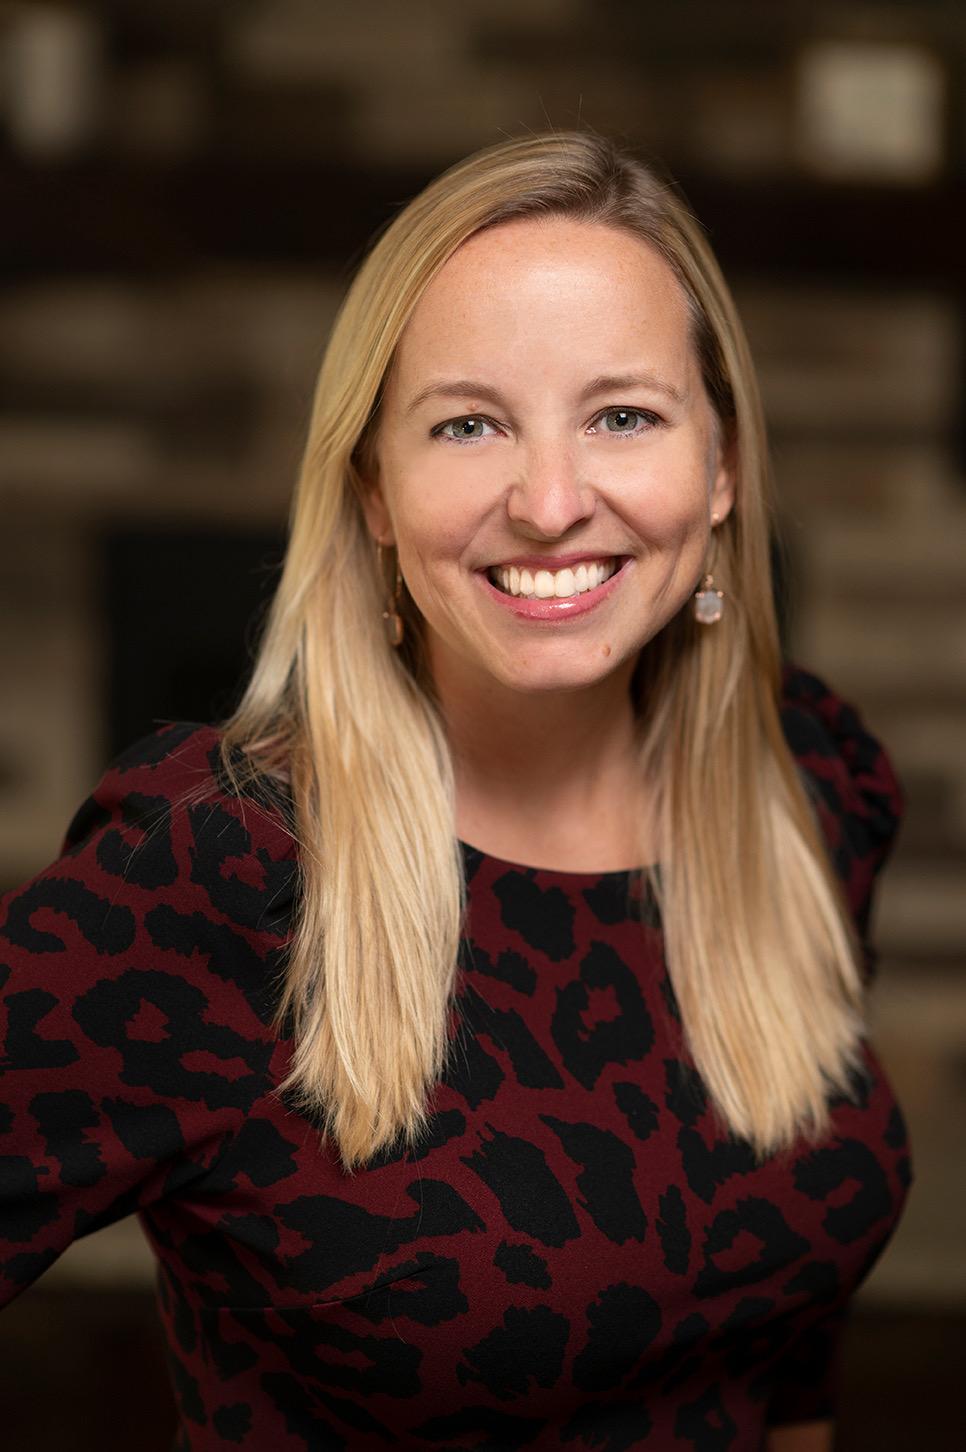 Megan O'Keefe